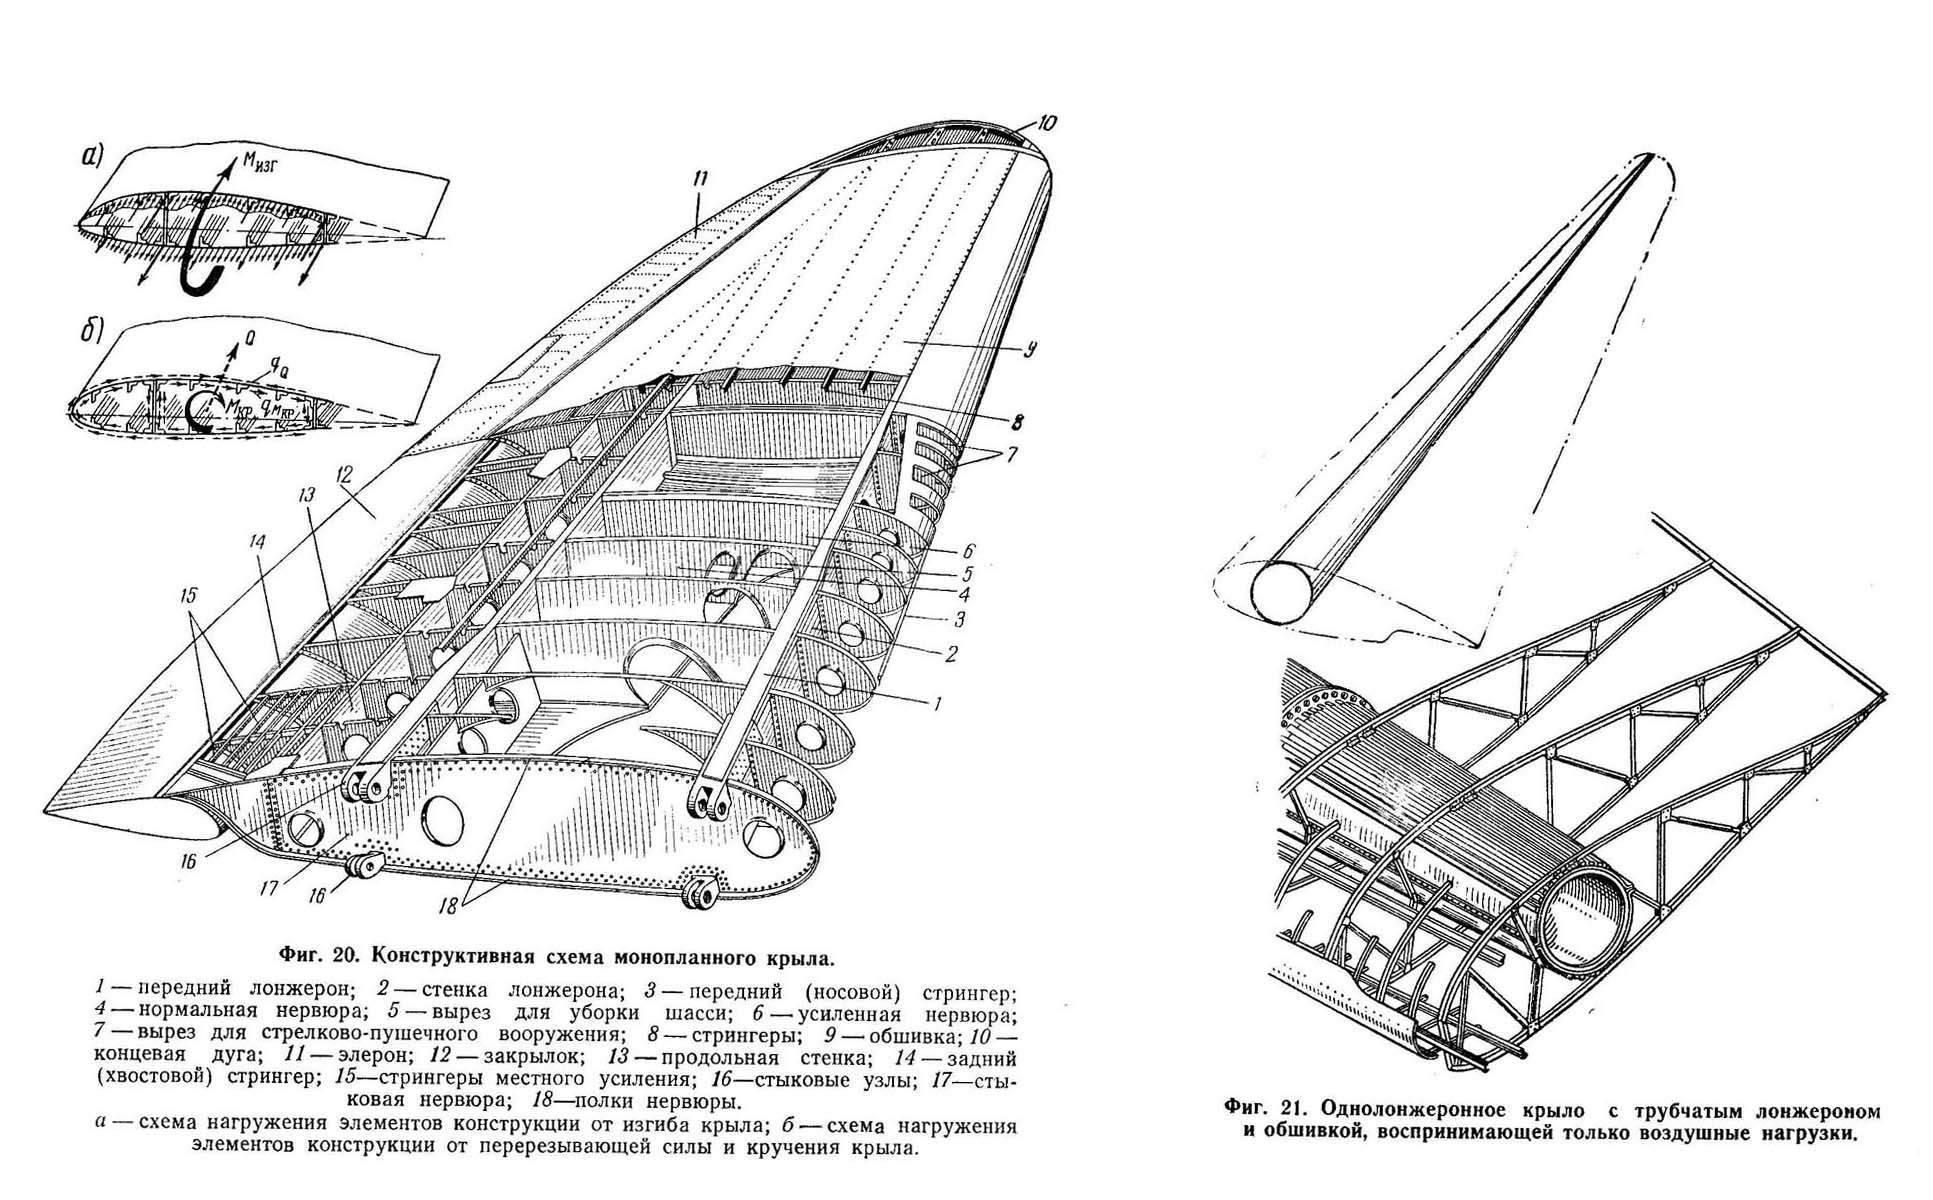 Яковлев як-12